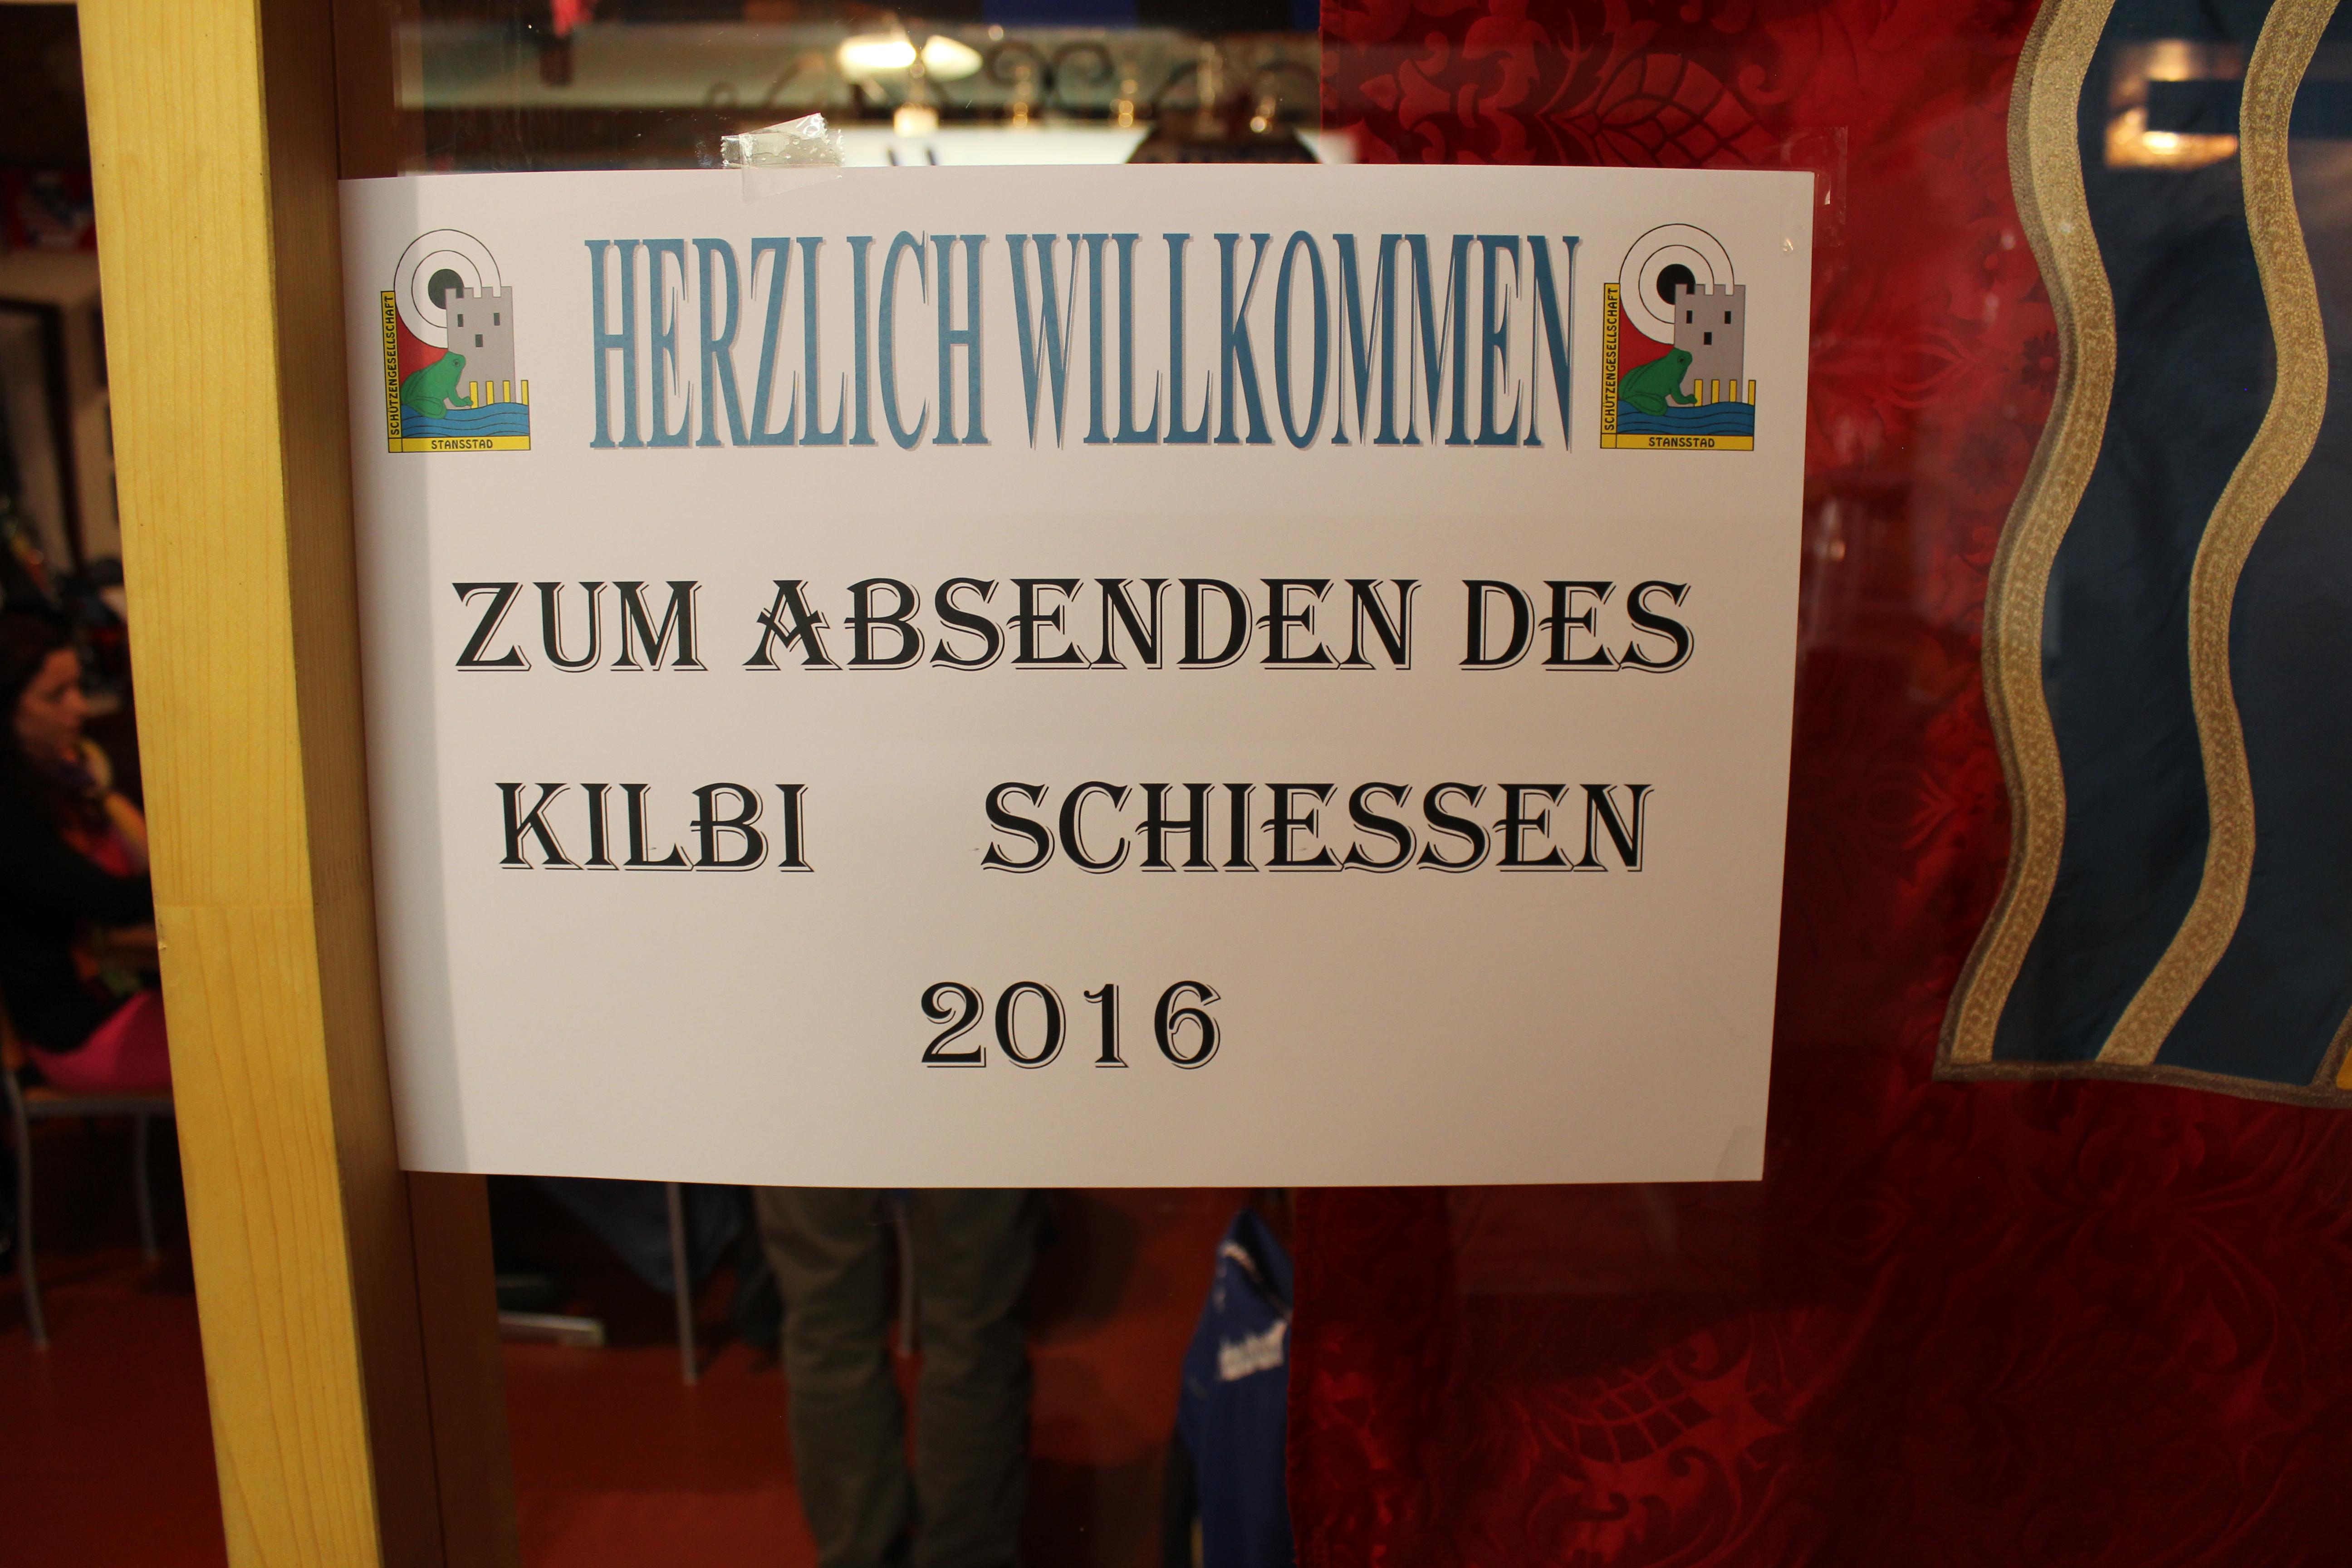 Absenden Kilbischiessen 2016